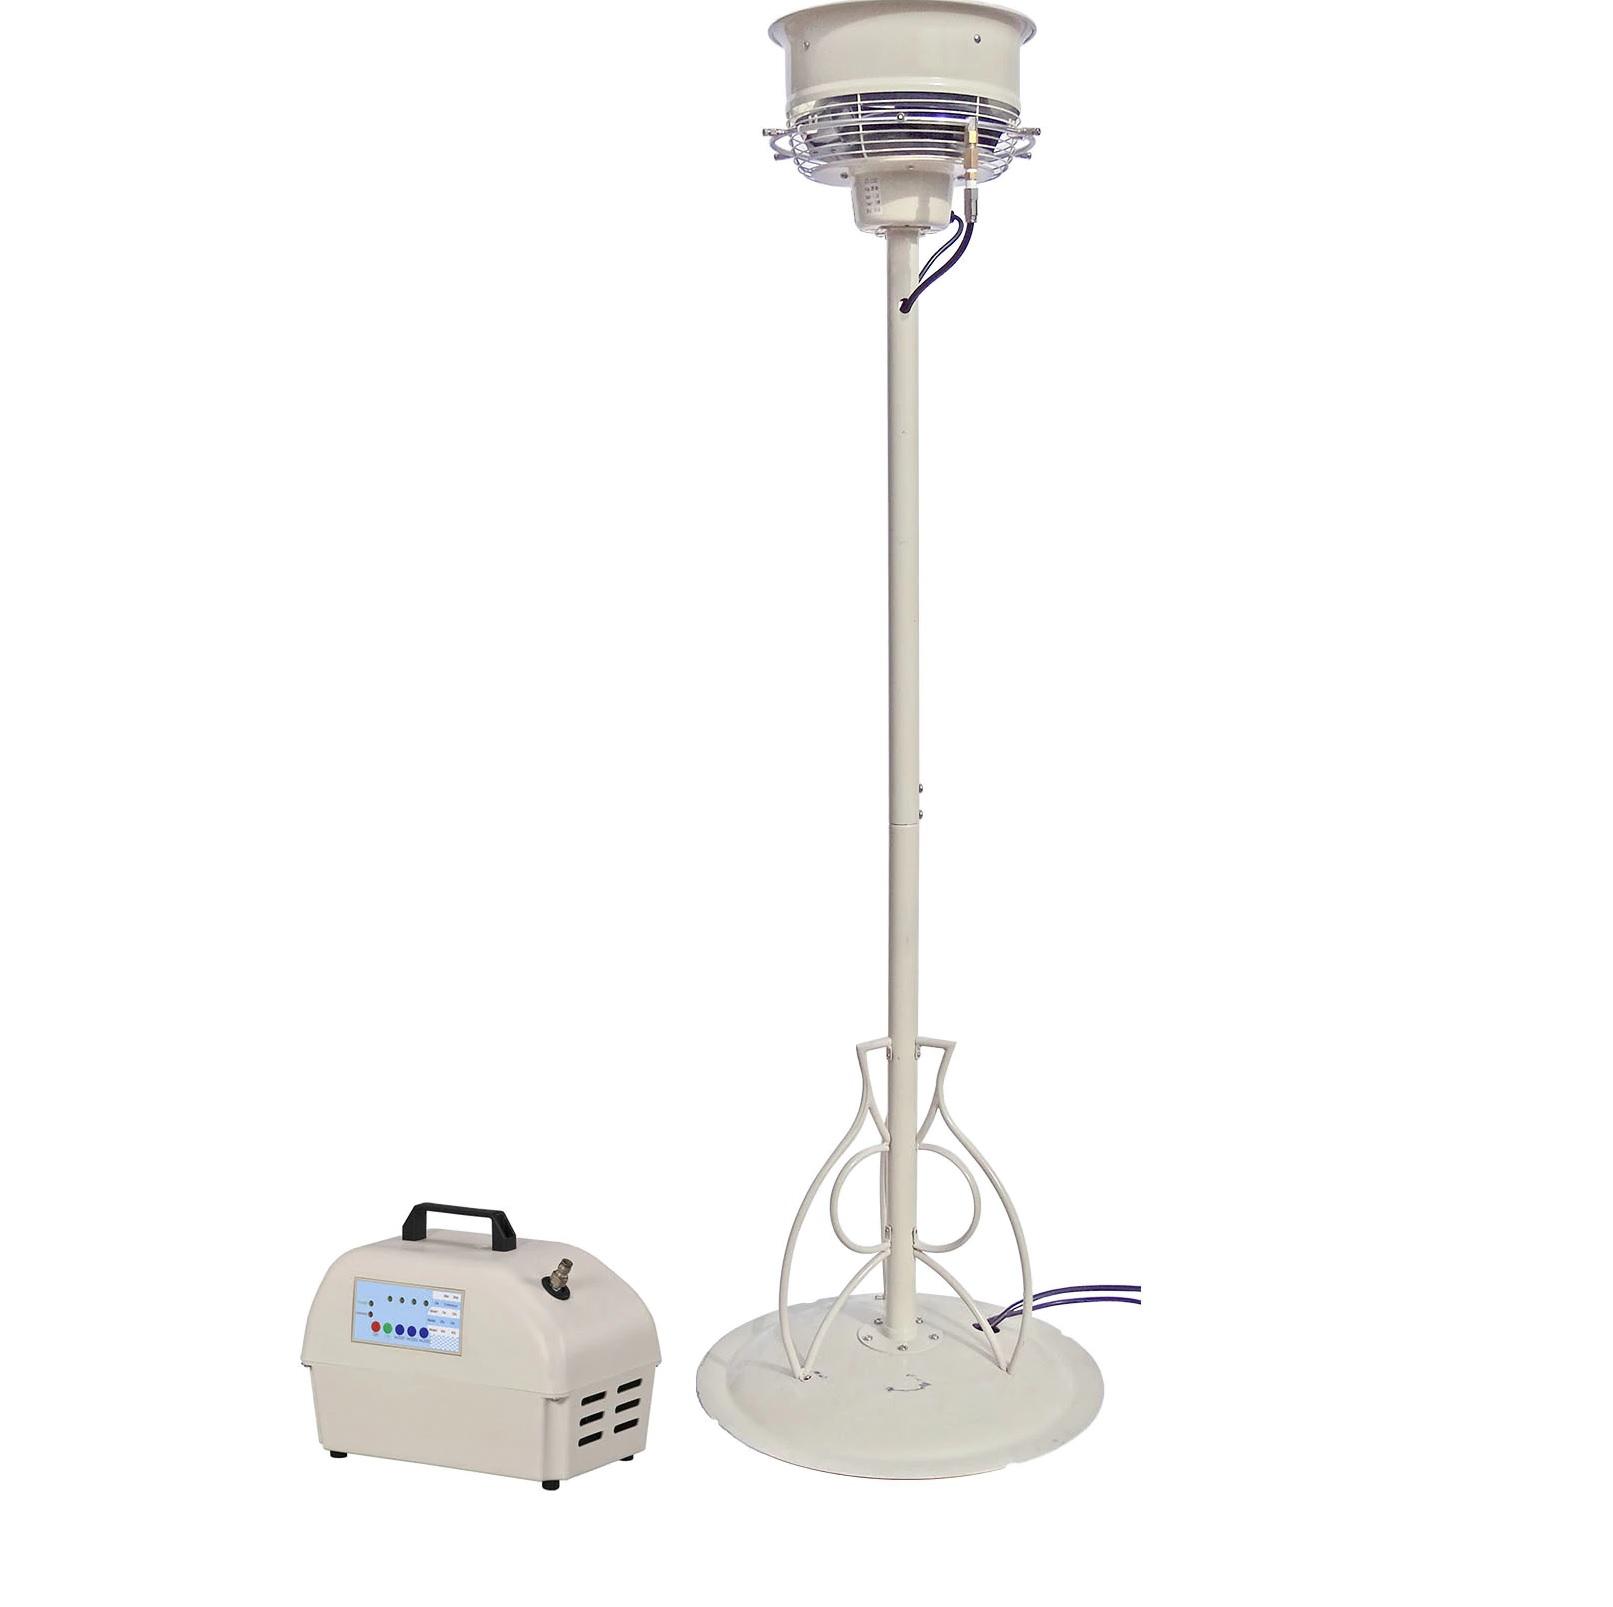 1 Pedestal CentrMist Fan with 15 Nozzle Pump Package White